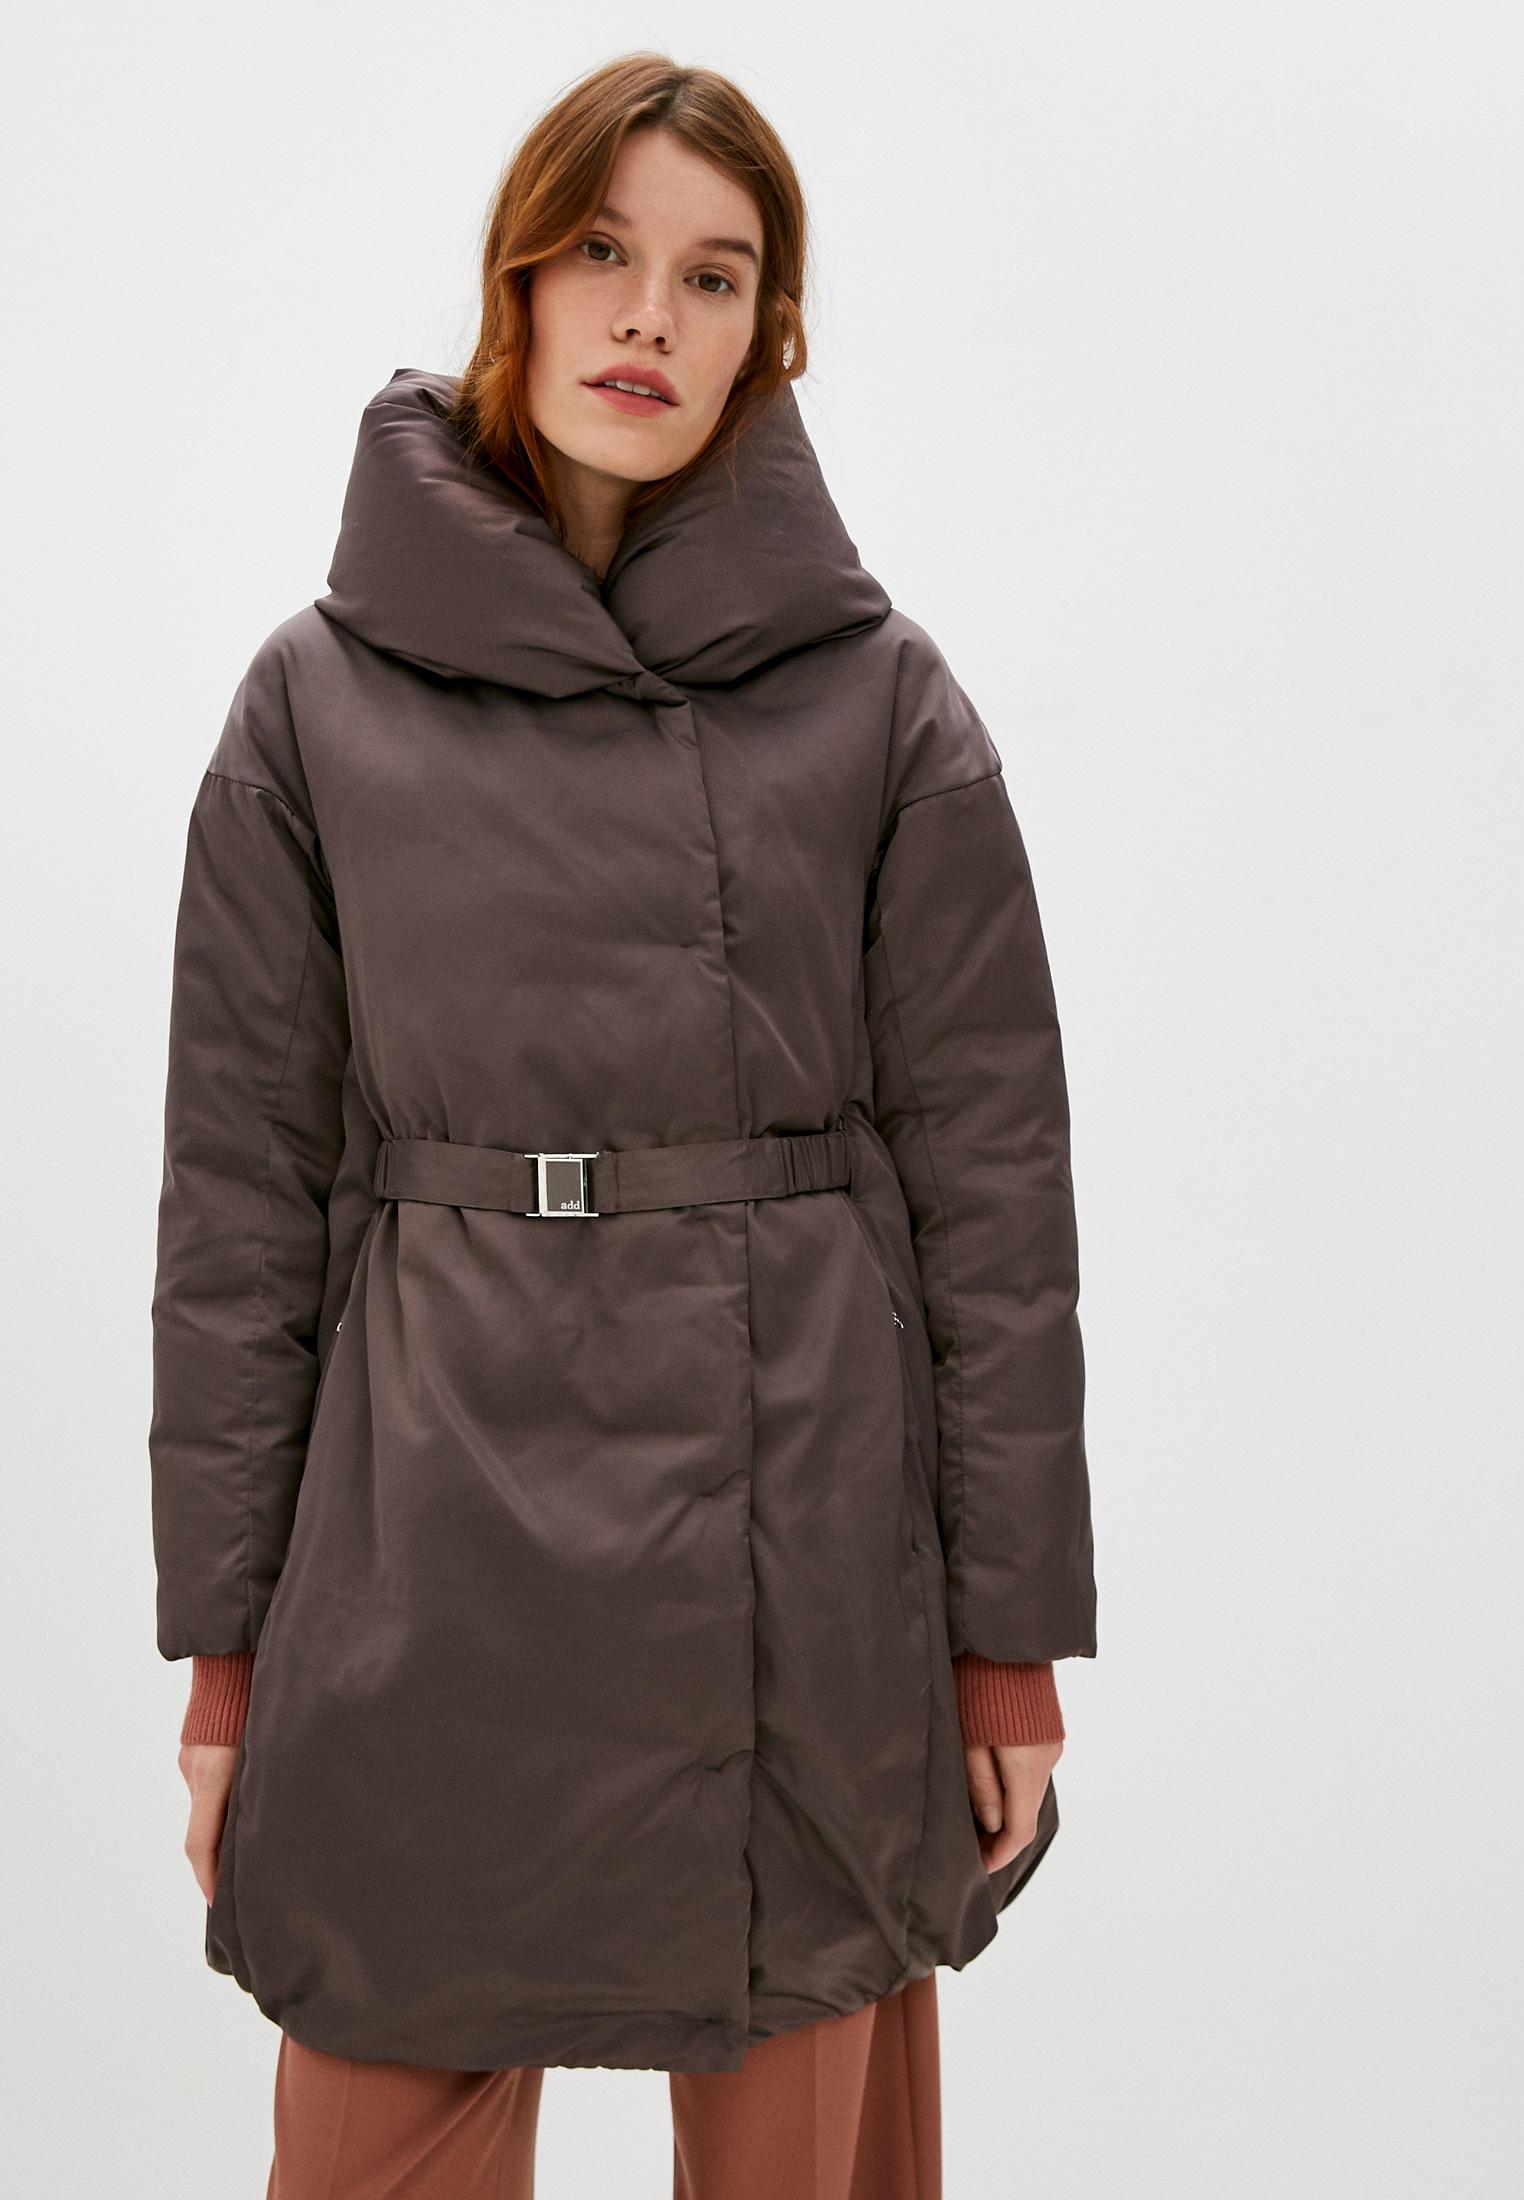 Утепленная куртка add XKAW992